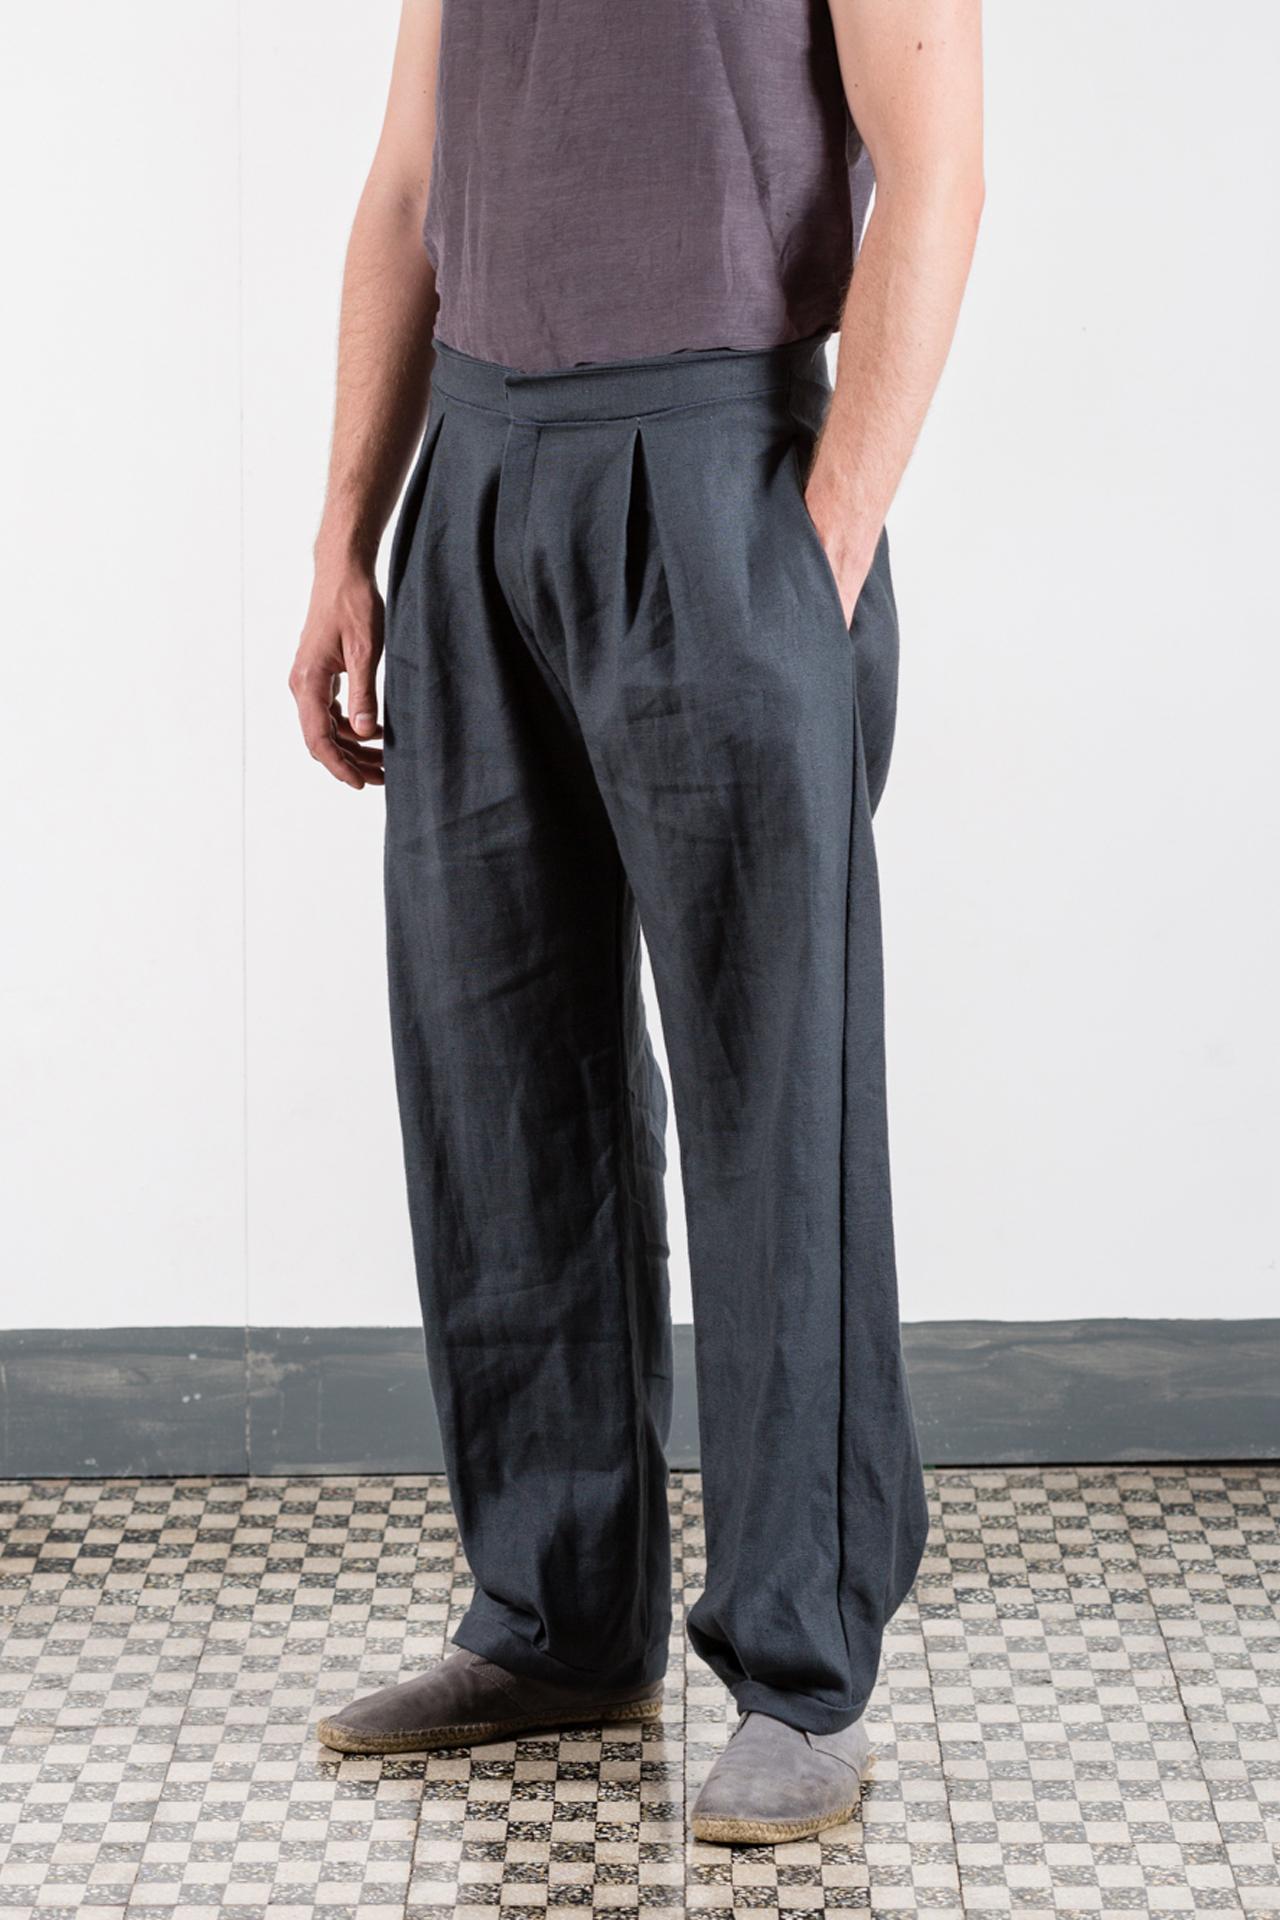 PantaloniPiegheUomo